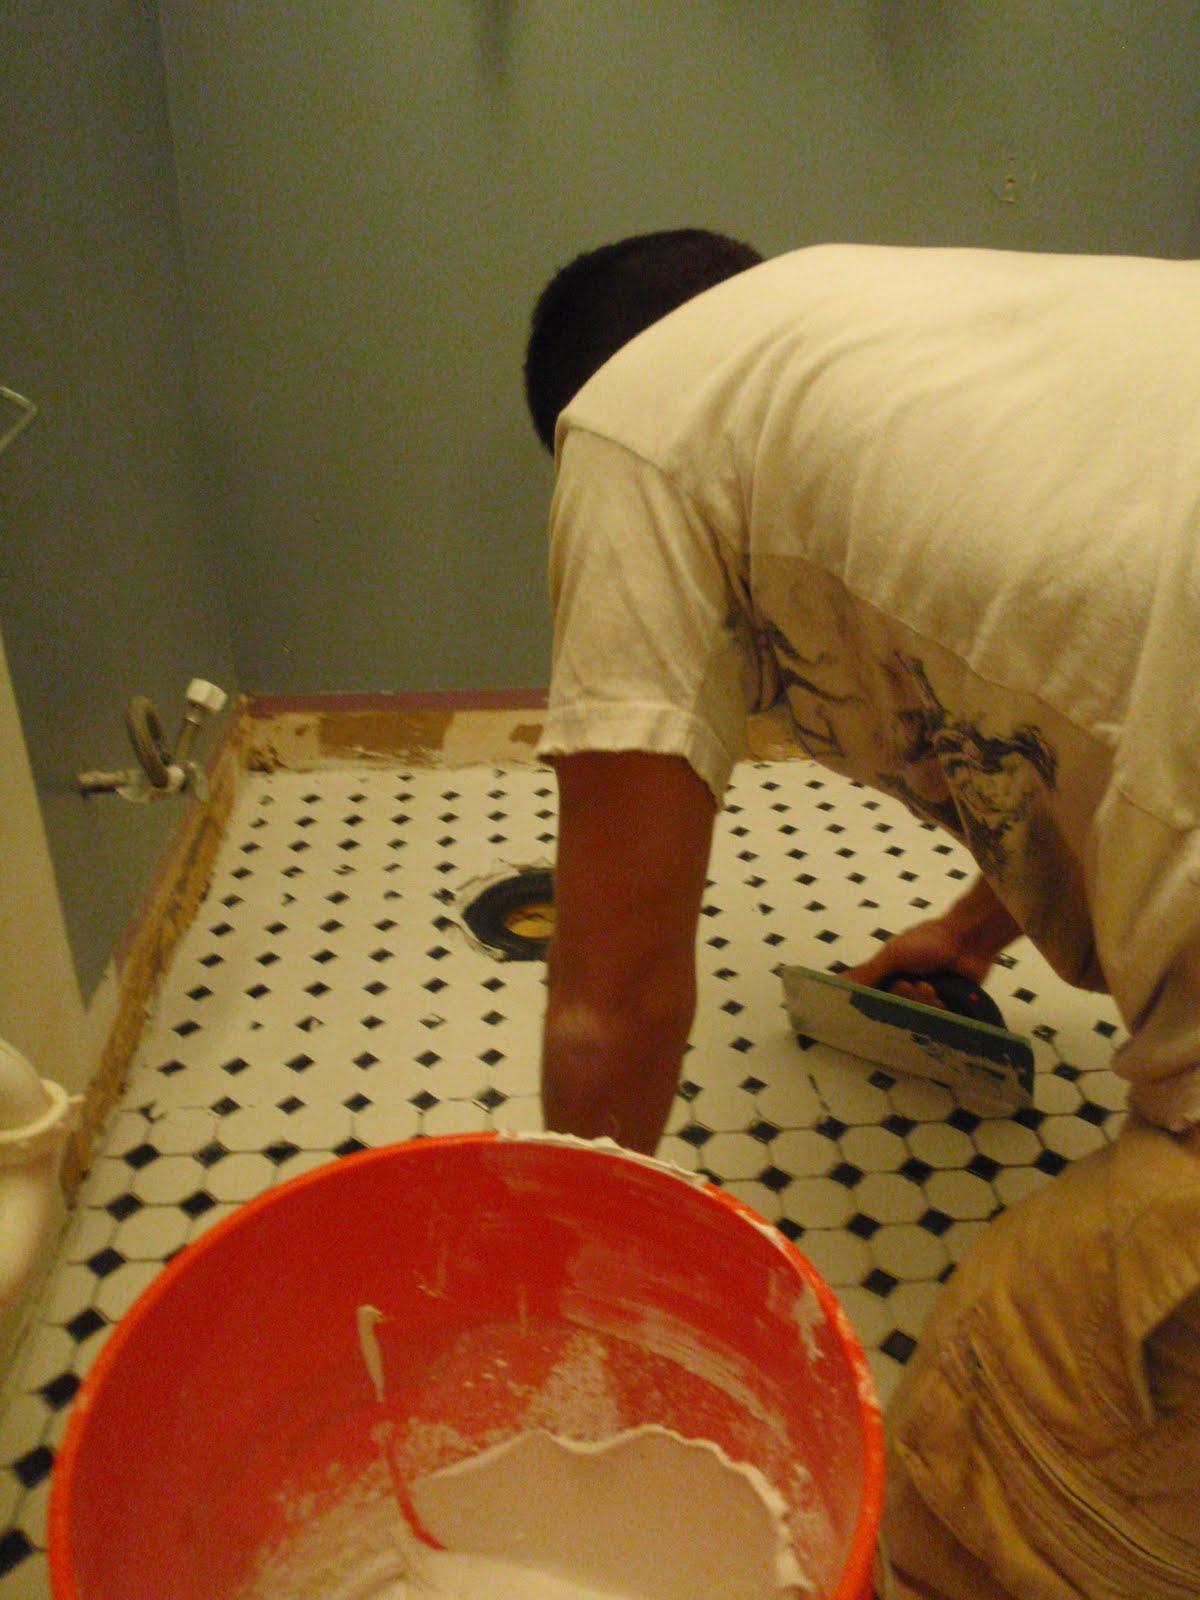 how to clean mortar between tiles